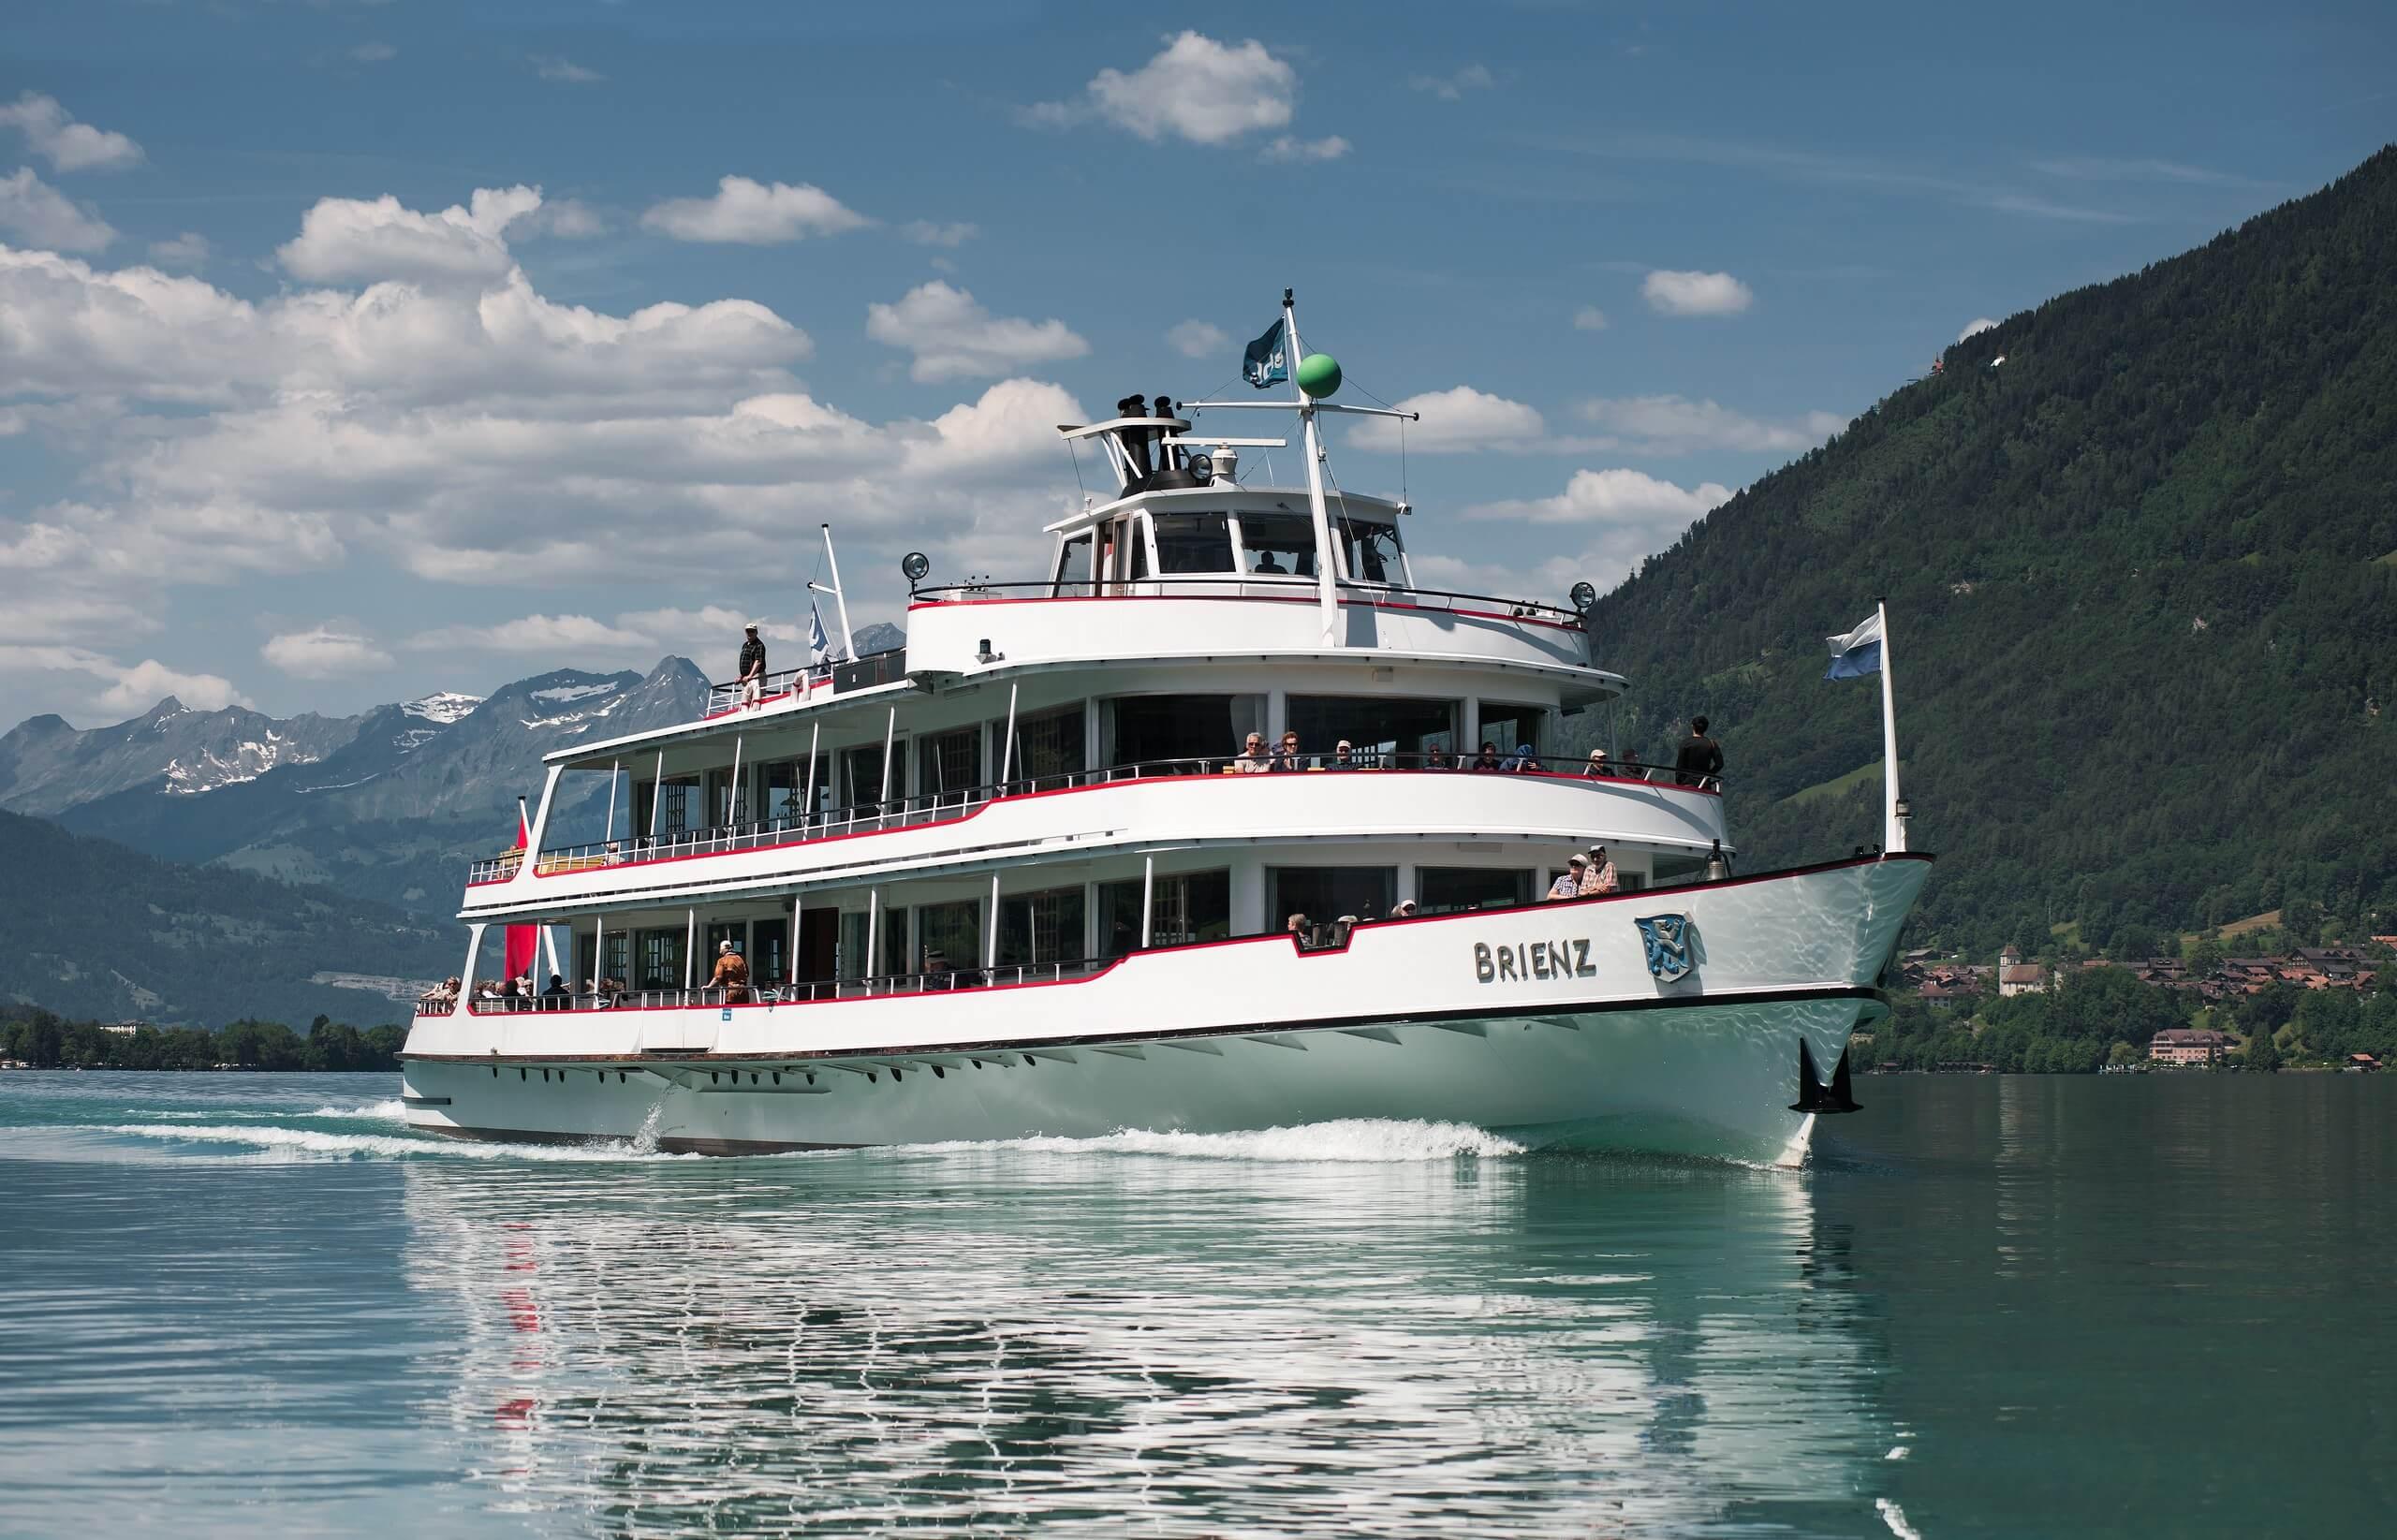 brienzersee-schifffahrt-sommer-msbrienz